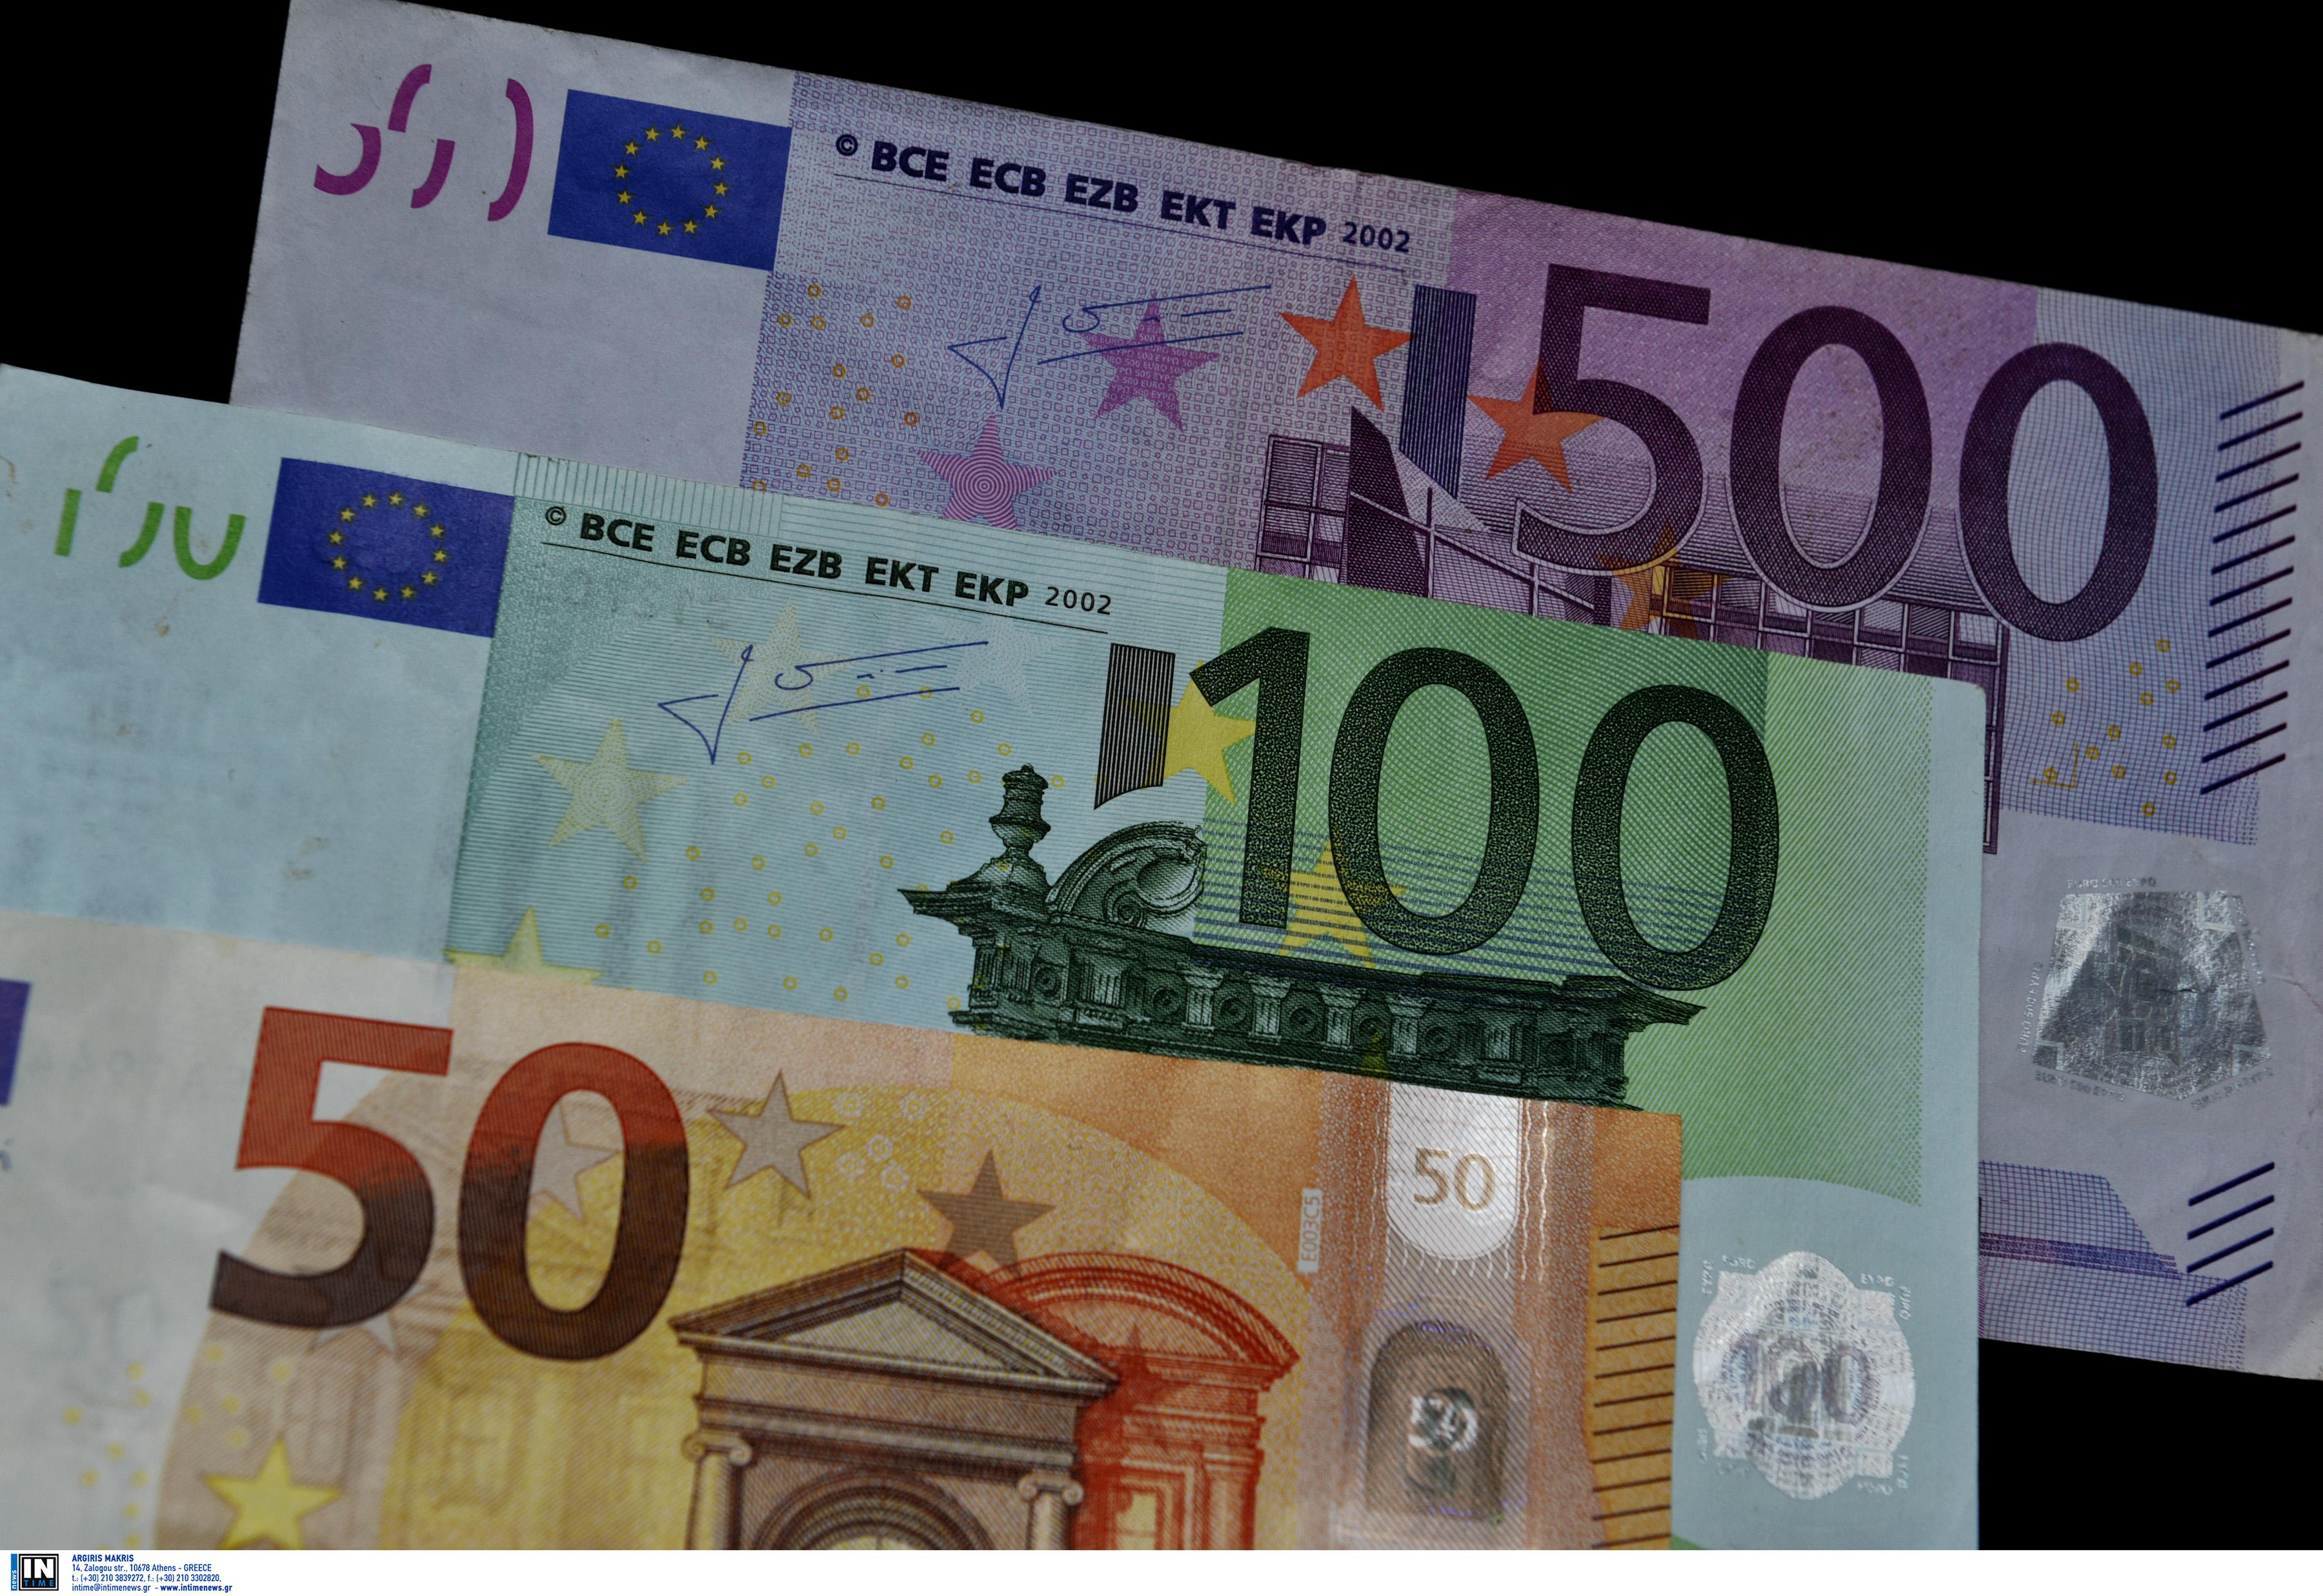 """Λάρισα: Τα είχε ανάγκη αλλά είπε """"όχι"""" σε μετρητά και κάρτες ανέπαφων συναλλαγών! Το μάθημα τιμιότητας"""